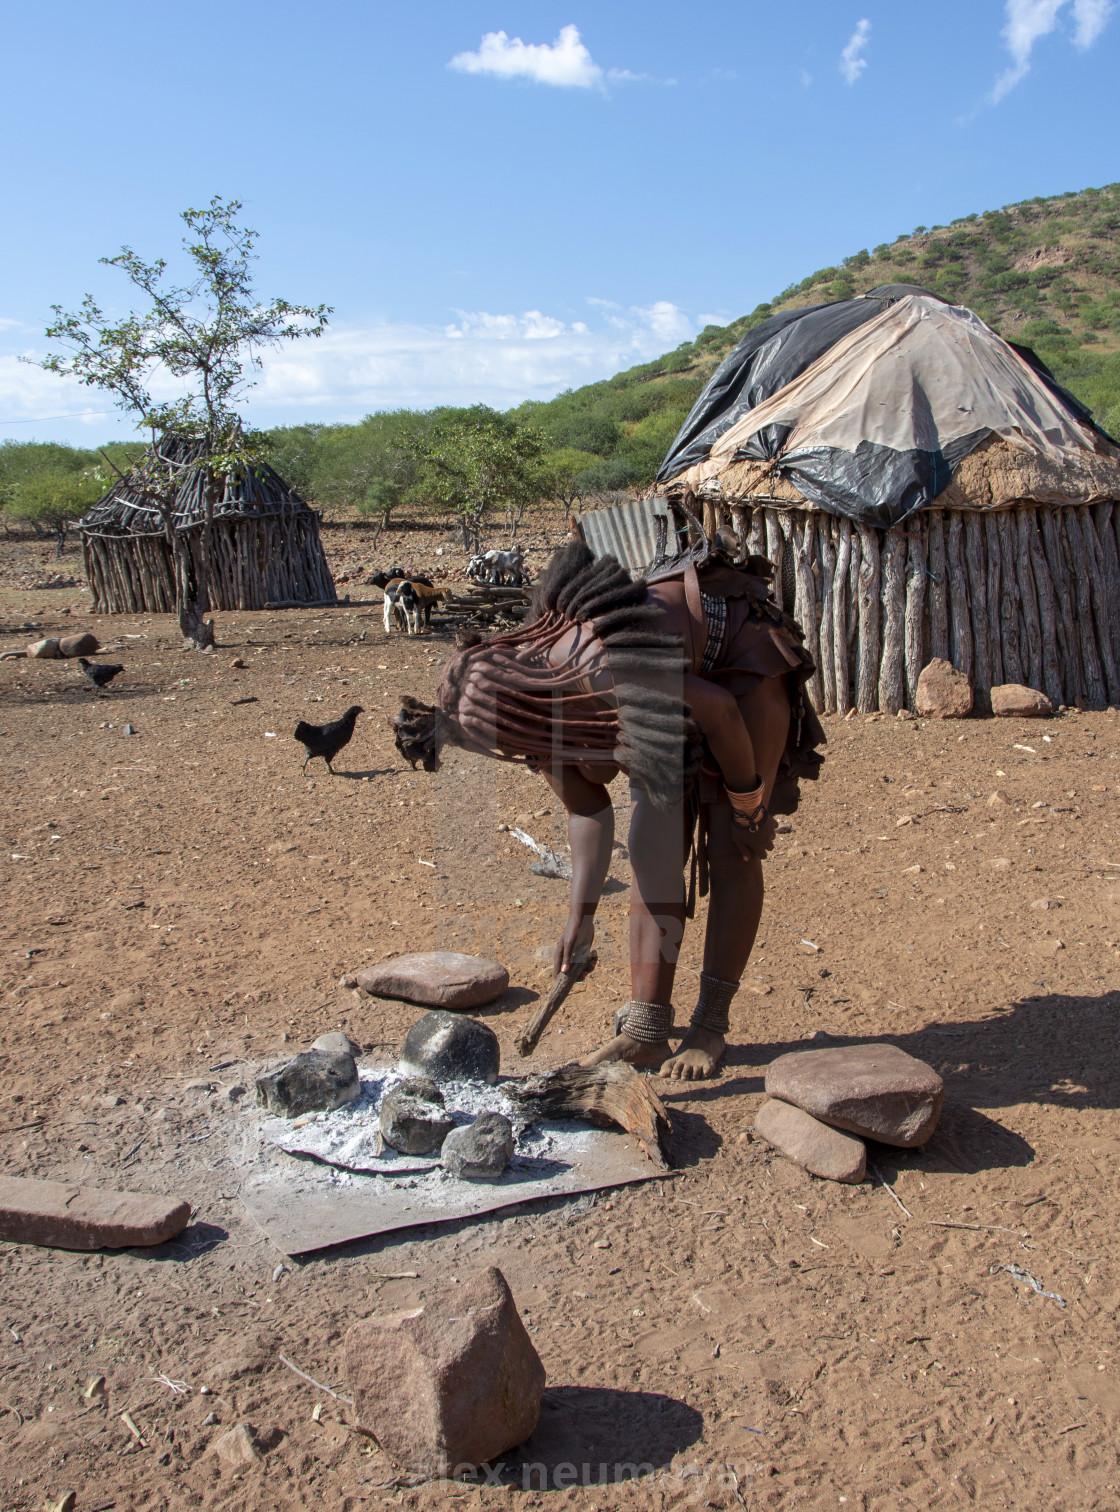 visiting a himba village